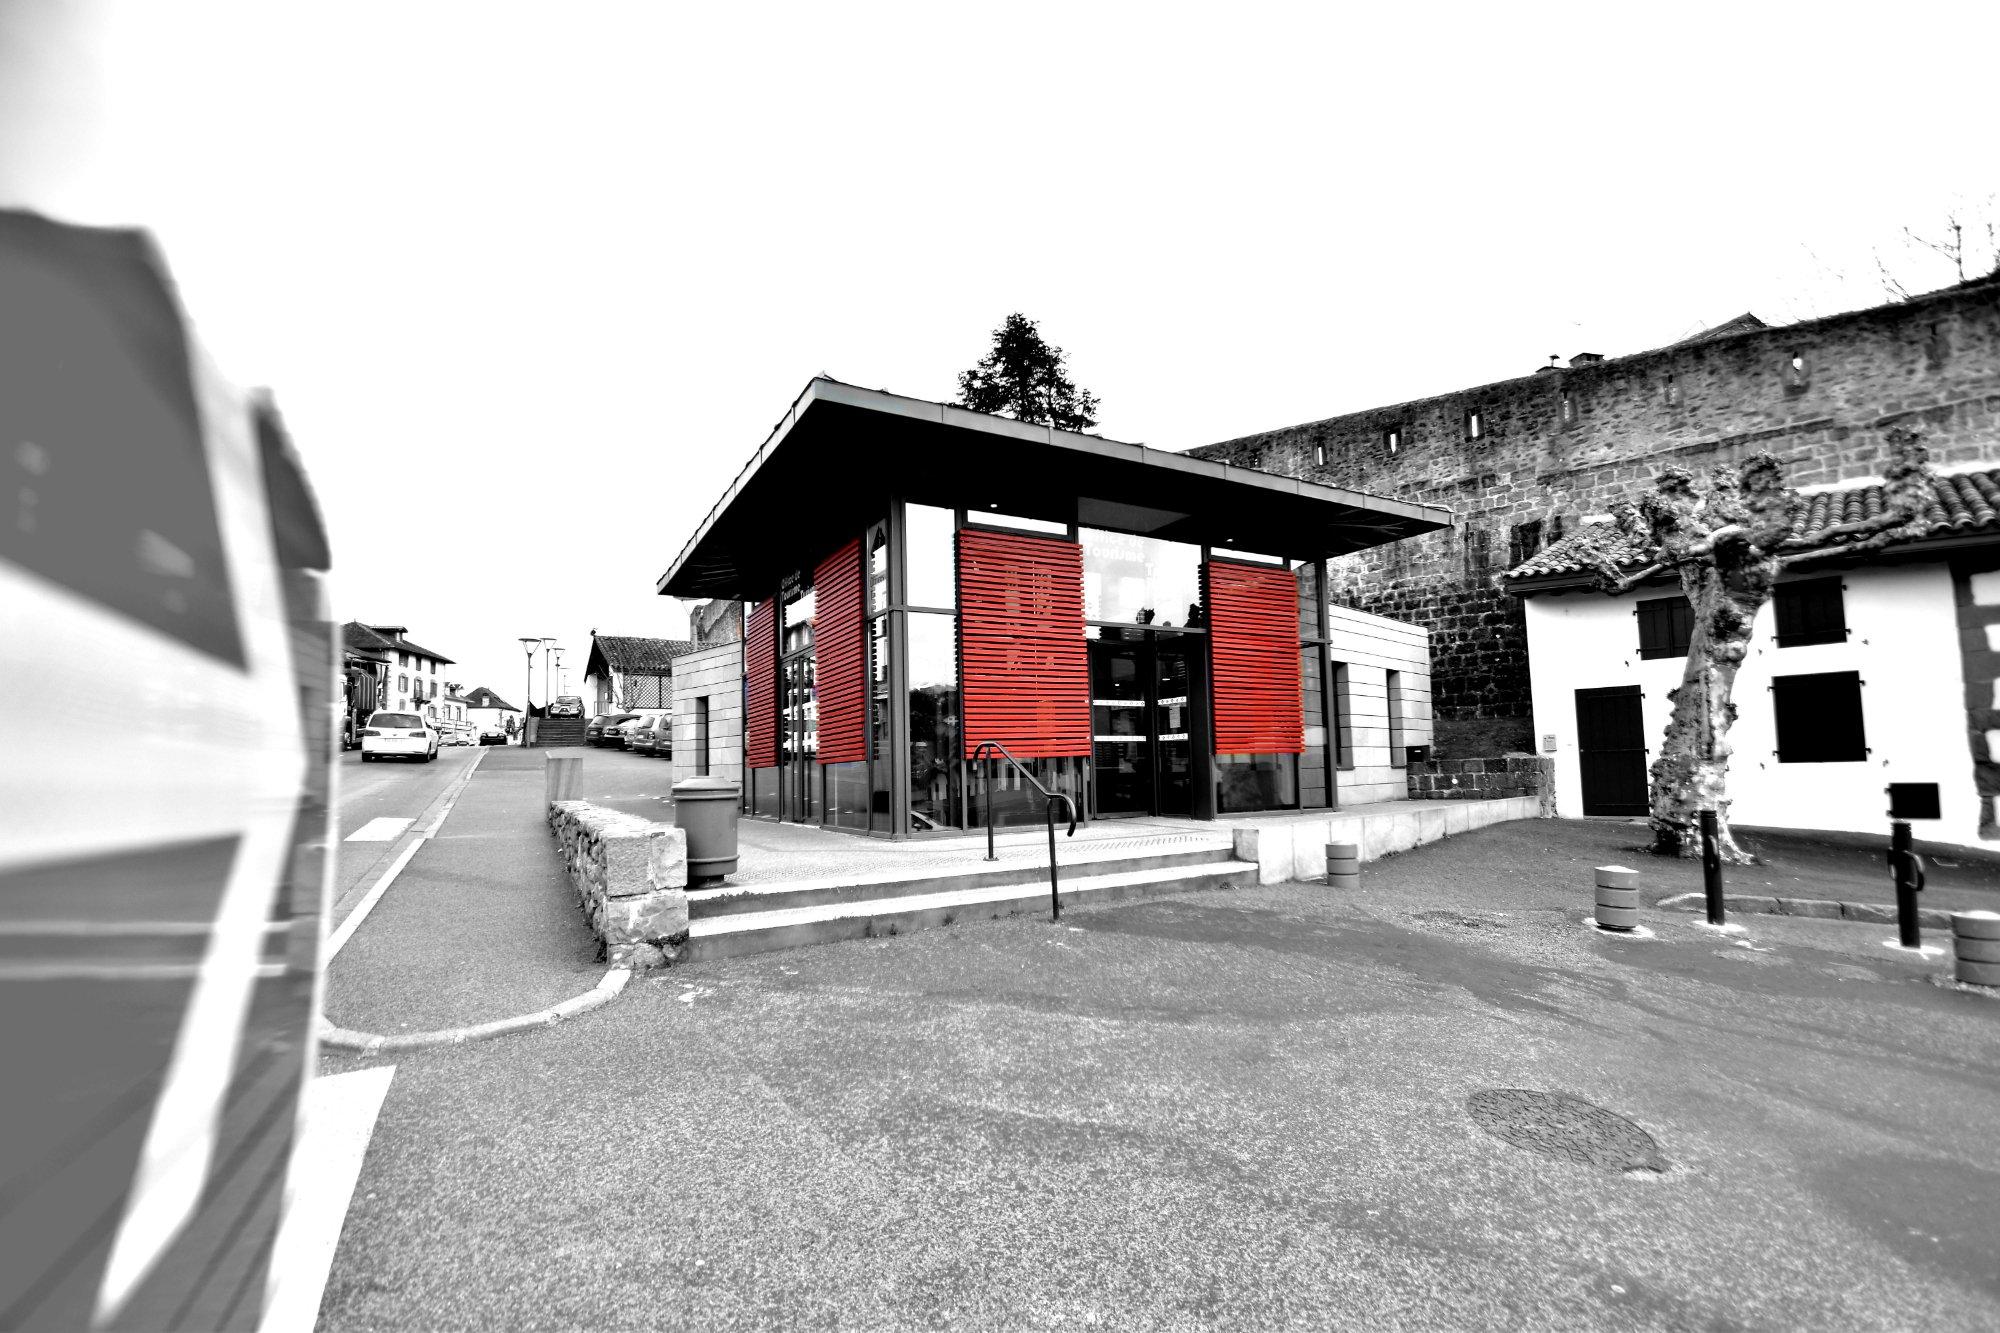 fice de Tourisme de Saint Jean Pied de Port Saint Jean Pied de